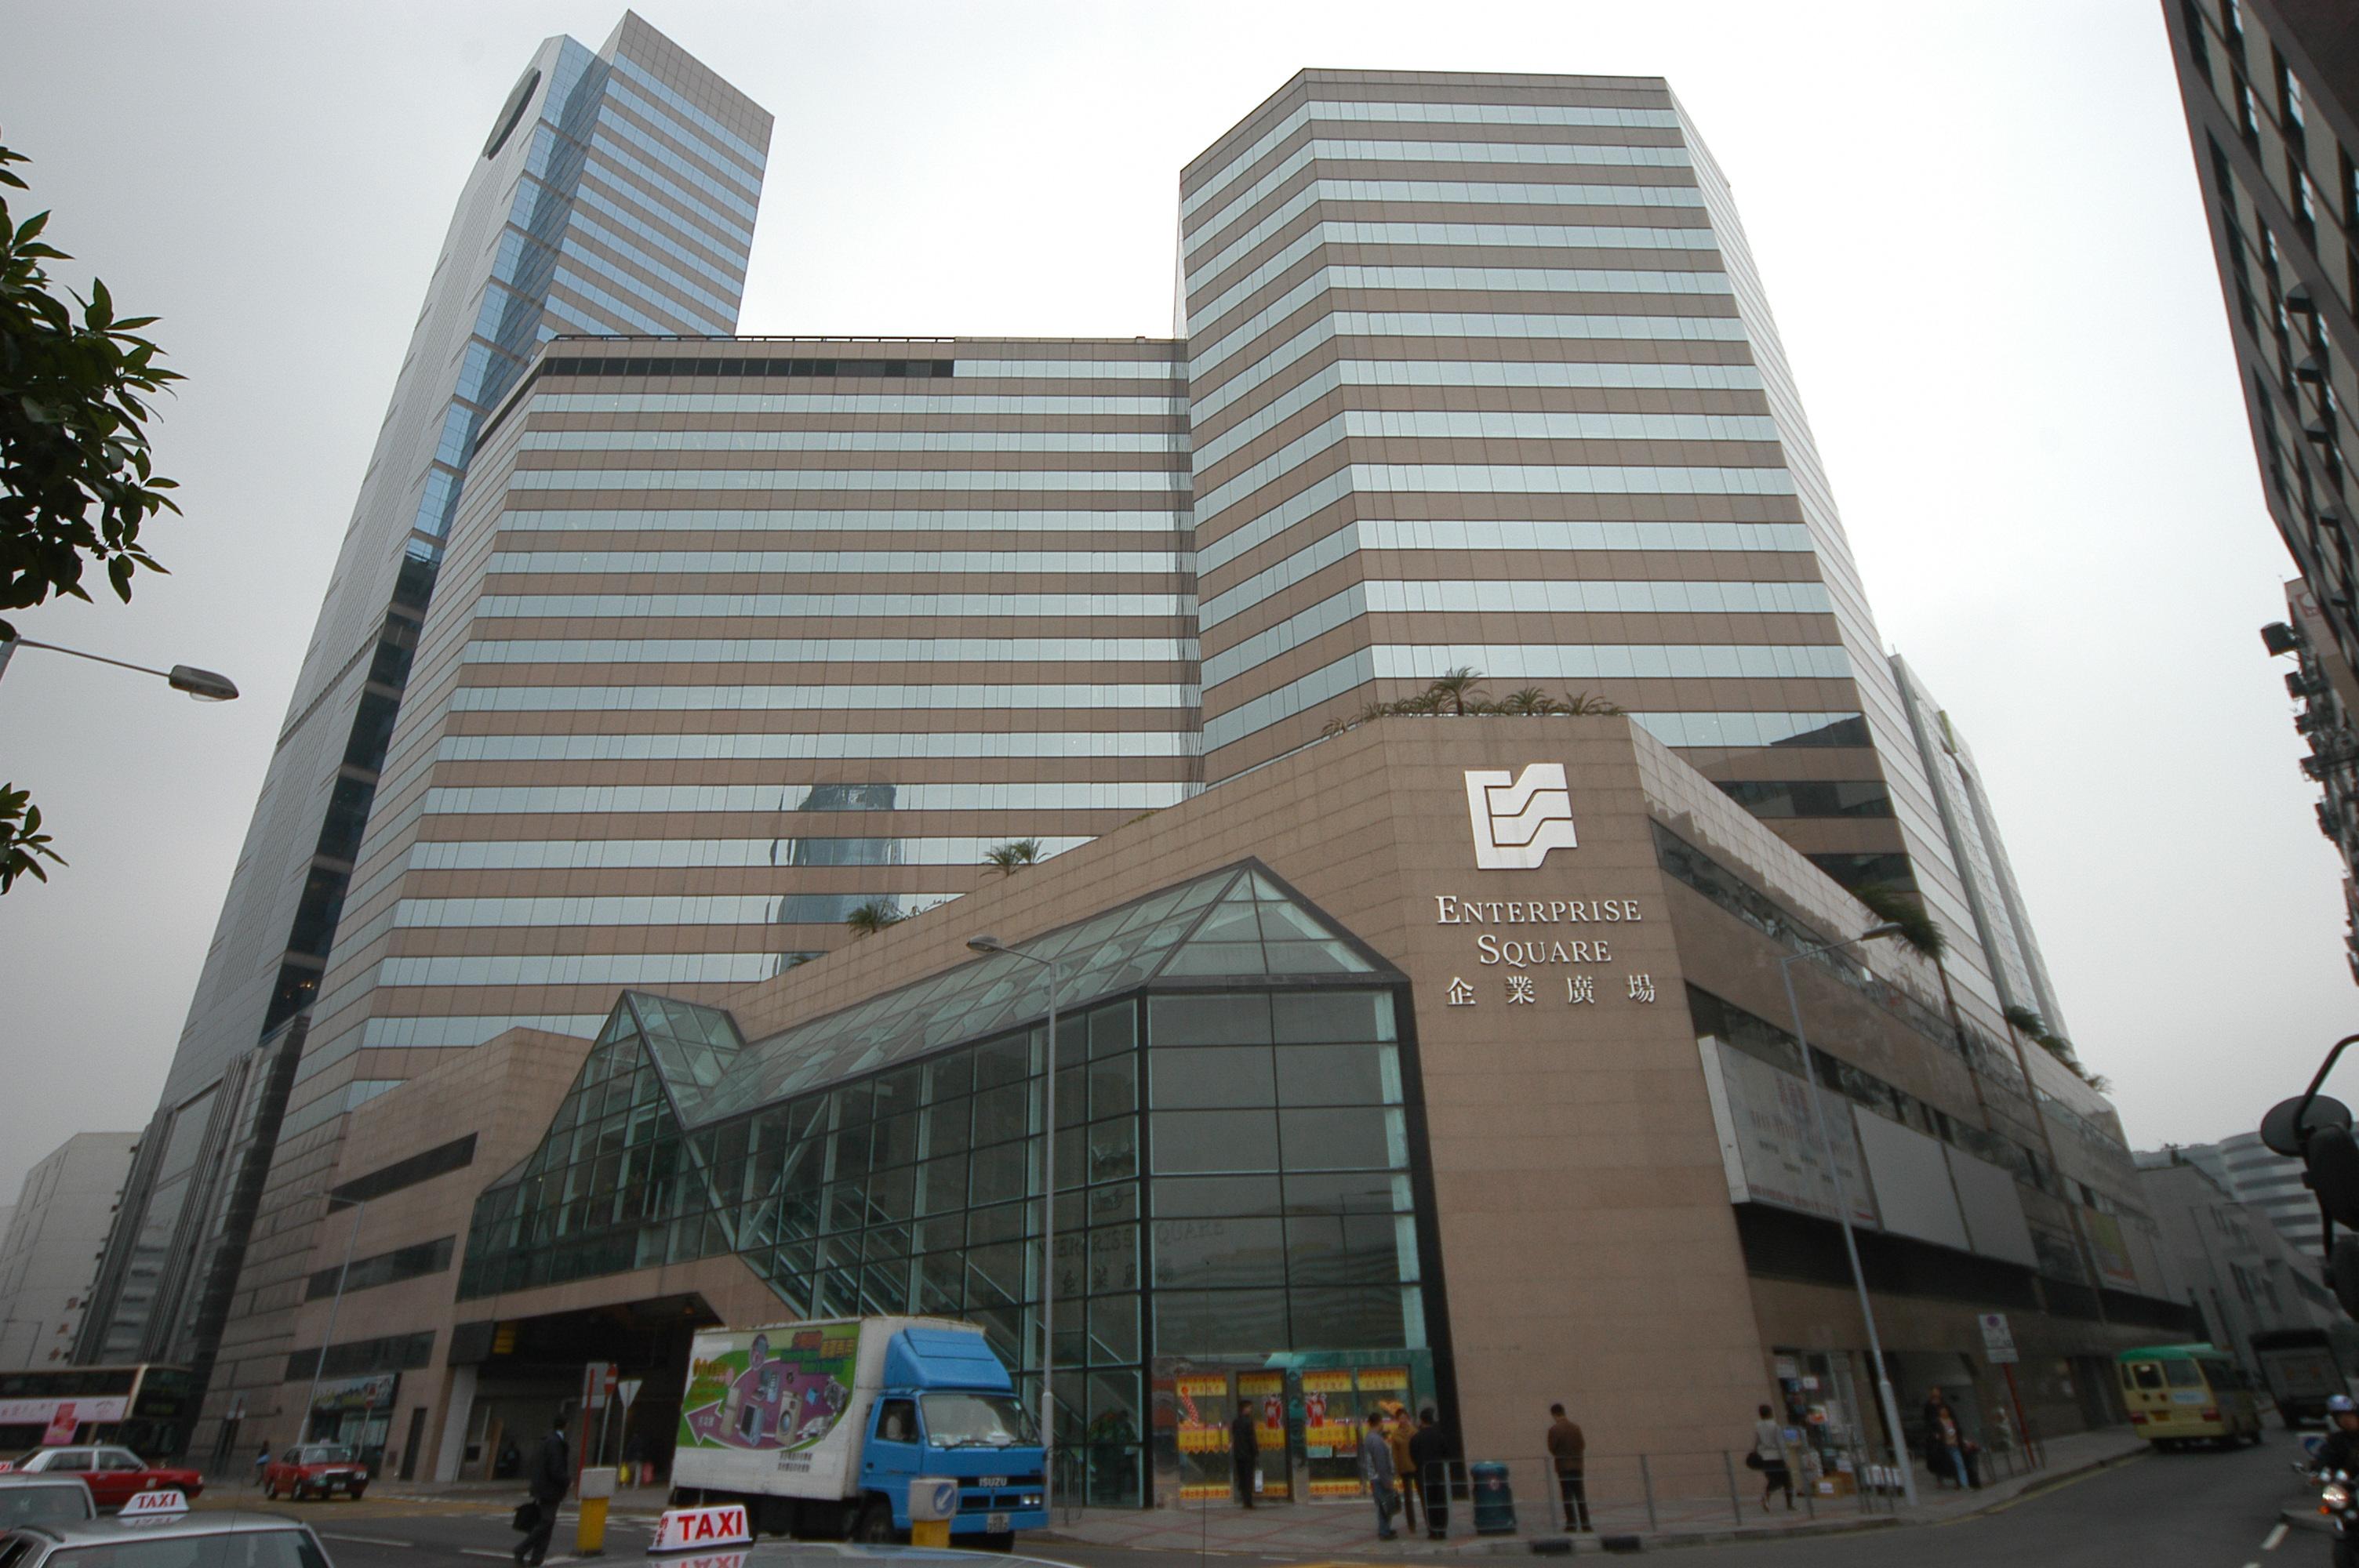 工商物業投資氣氛暢旺 買家入市步伐加快 企業廣場一期3座相連戶易手 成交價約1,750萬元